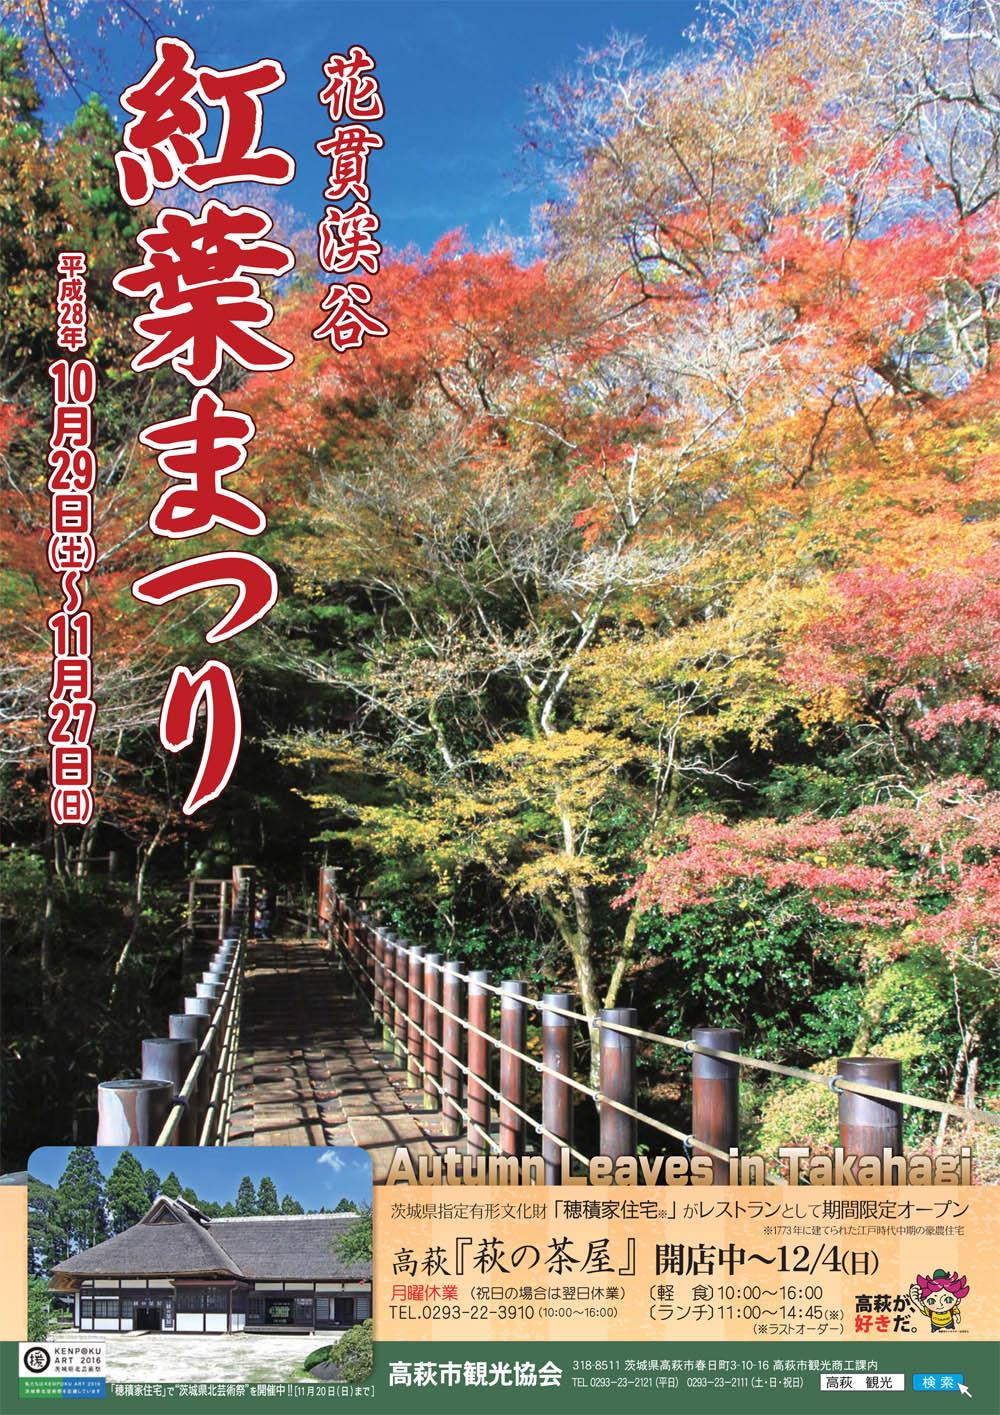 『『花貫渓谷紅葉まつりチラシ 表』の画像』の画像